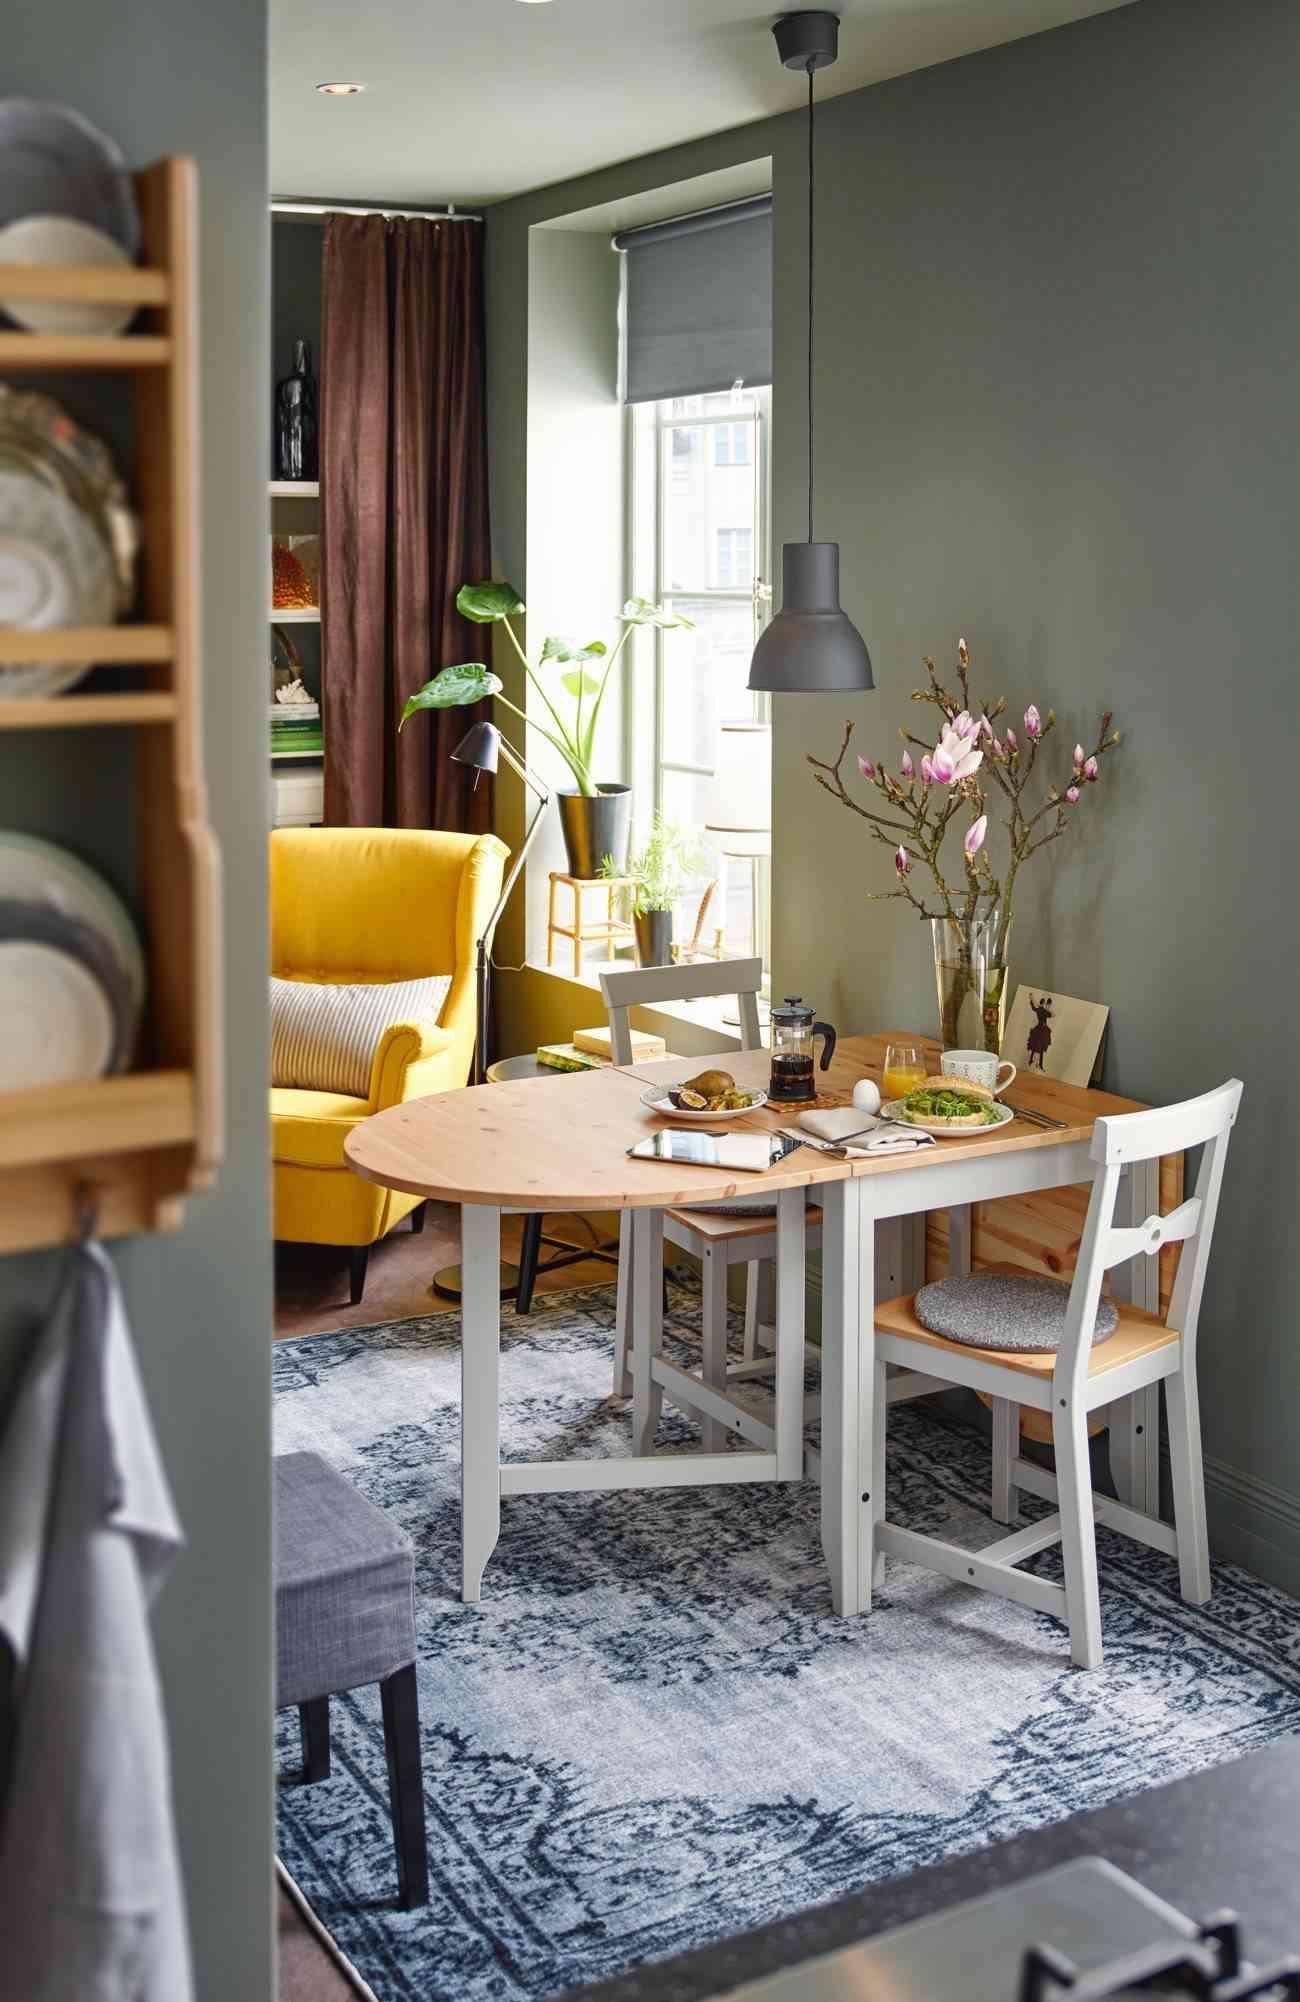 Mesas plegables para 2, 4 o 6 personas - Decoración de Interiores ...